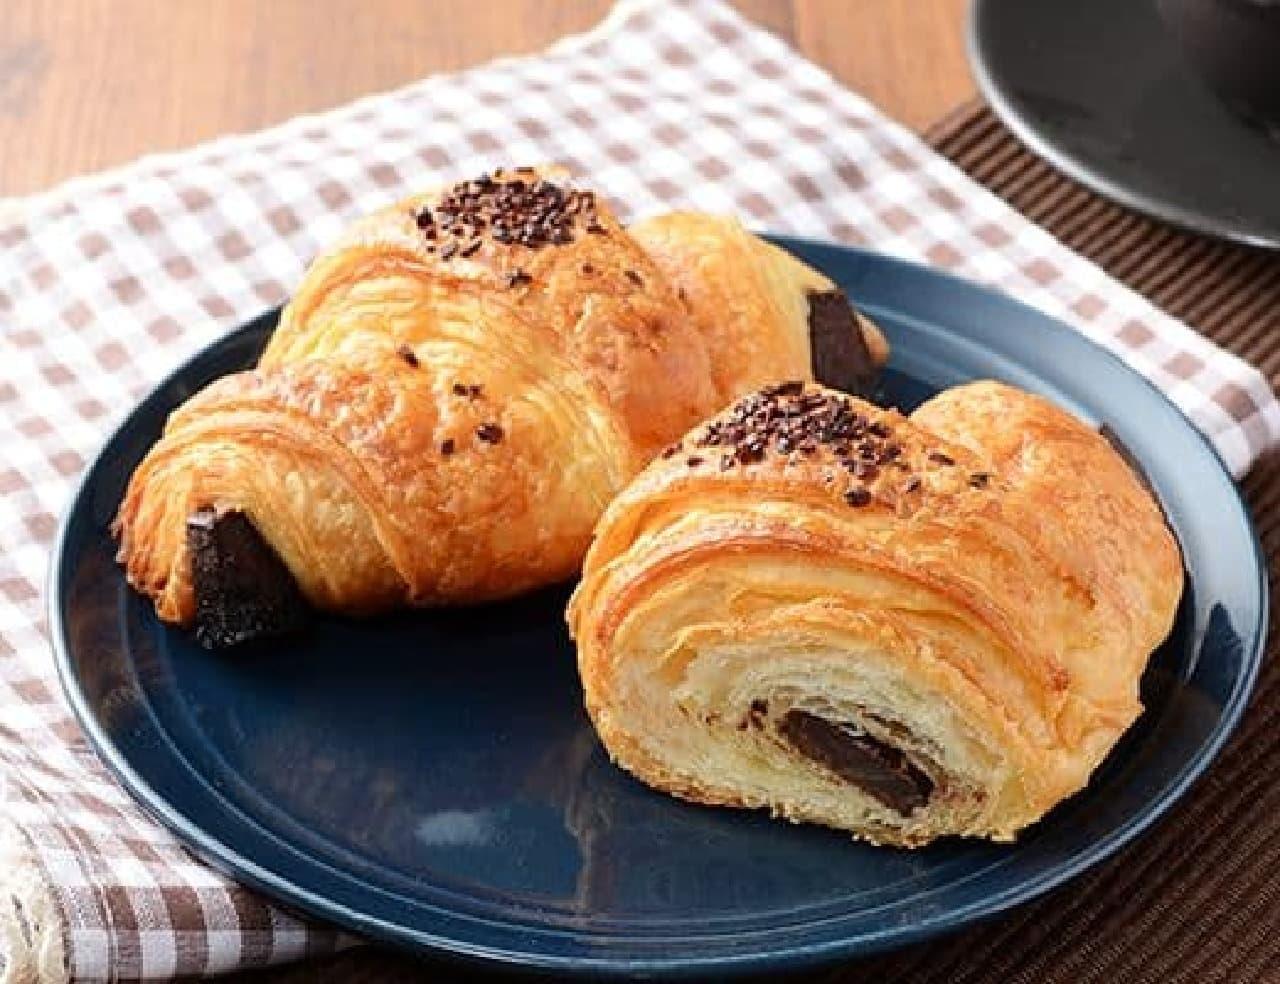 ローソン「マチノパン フランス産発酵バターのクロワッサン チョコ」